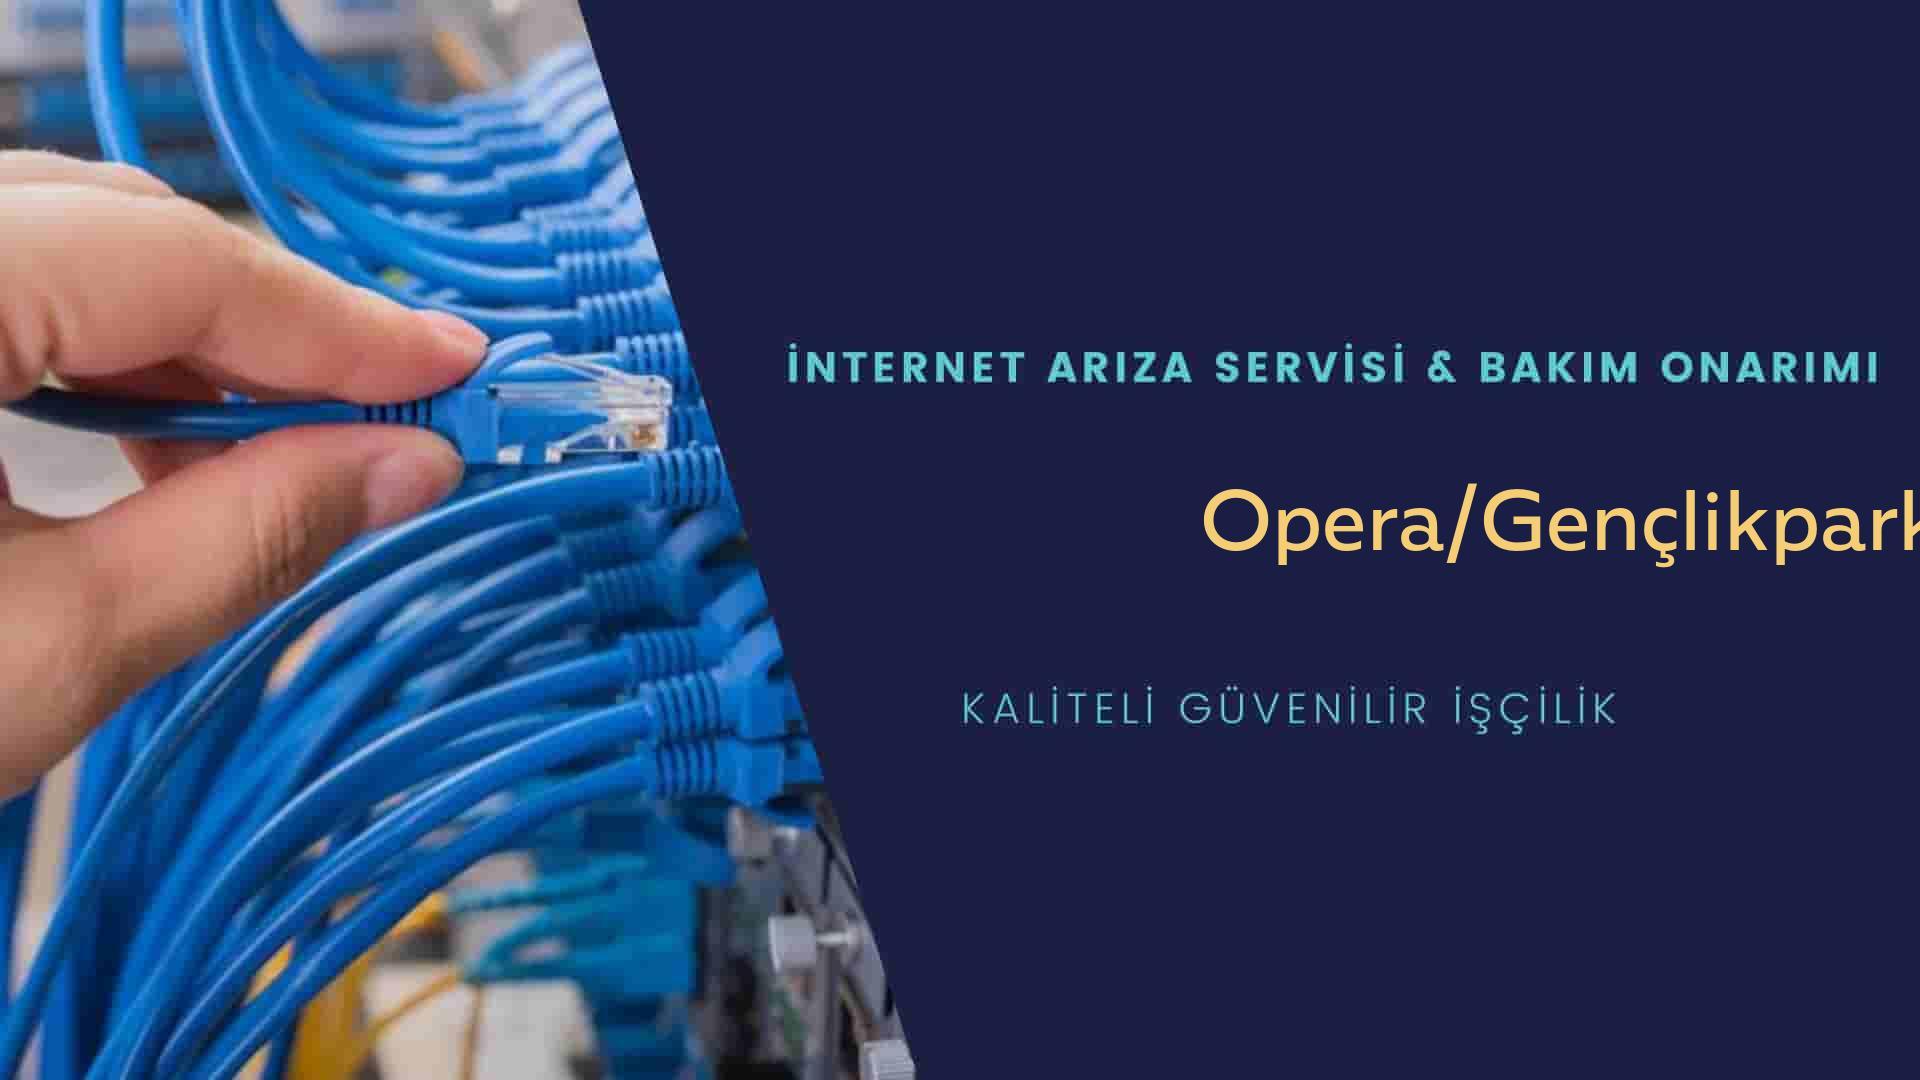 Opera/Gençlikparkı internet kablosu çekimi yapan yerler veya elektrikçiler mi? arıyorsunuz doğru yerdesiniz o zaman sizlere 7/24 yardımcı olacak profesyonel ustalarımız bir telefon kadar yakındır size.